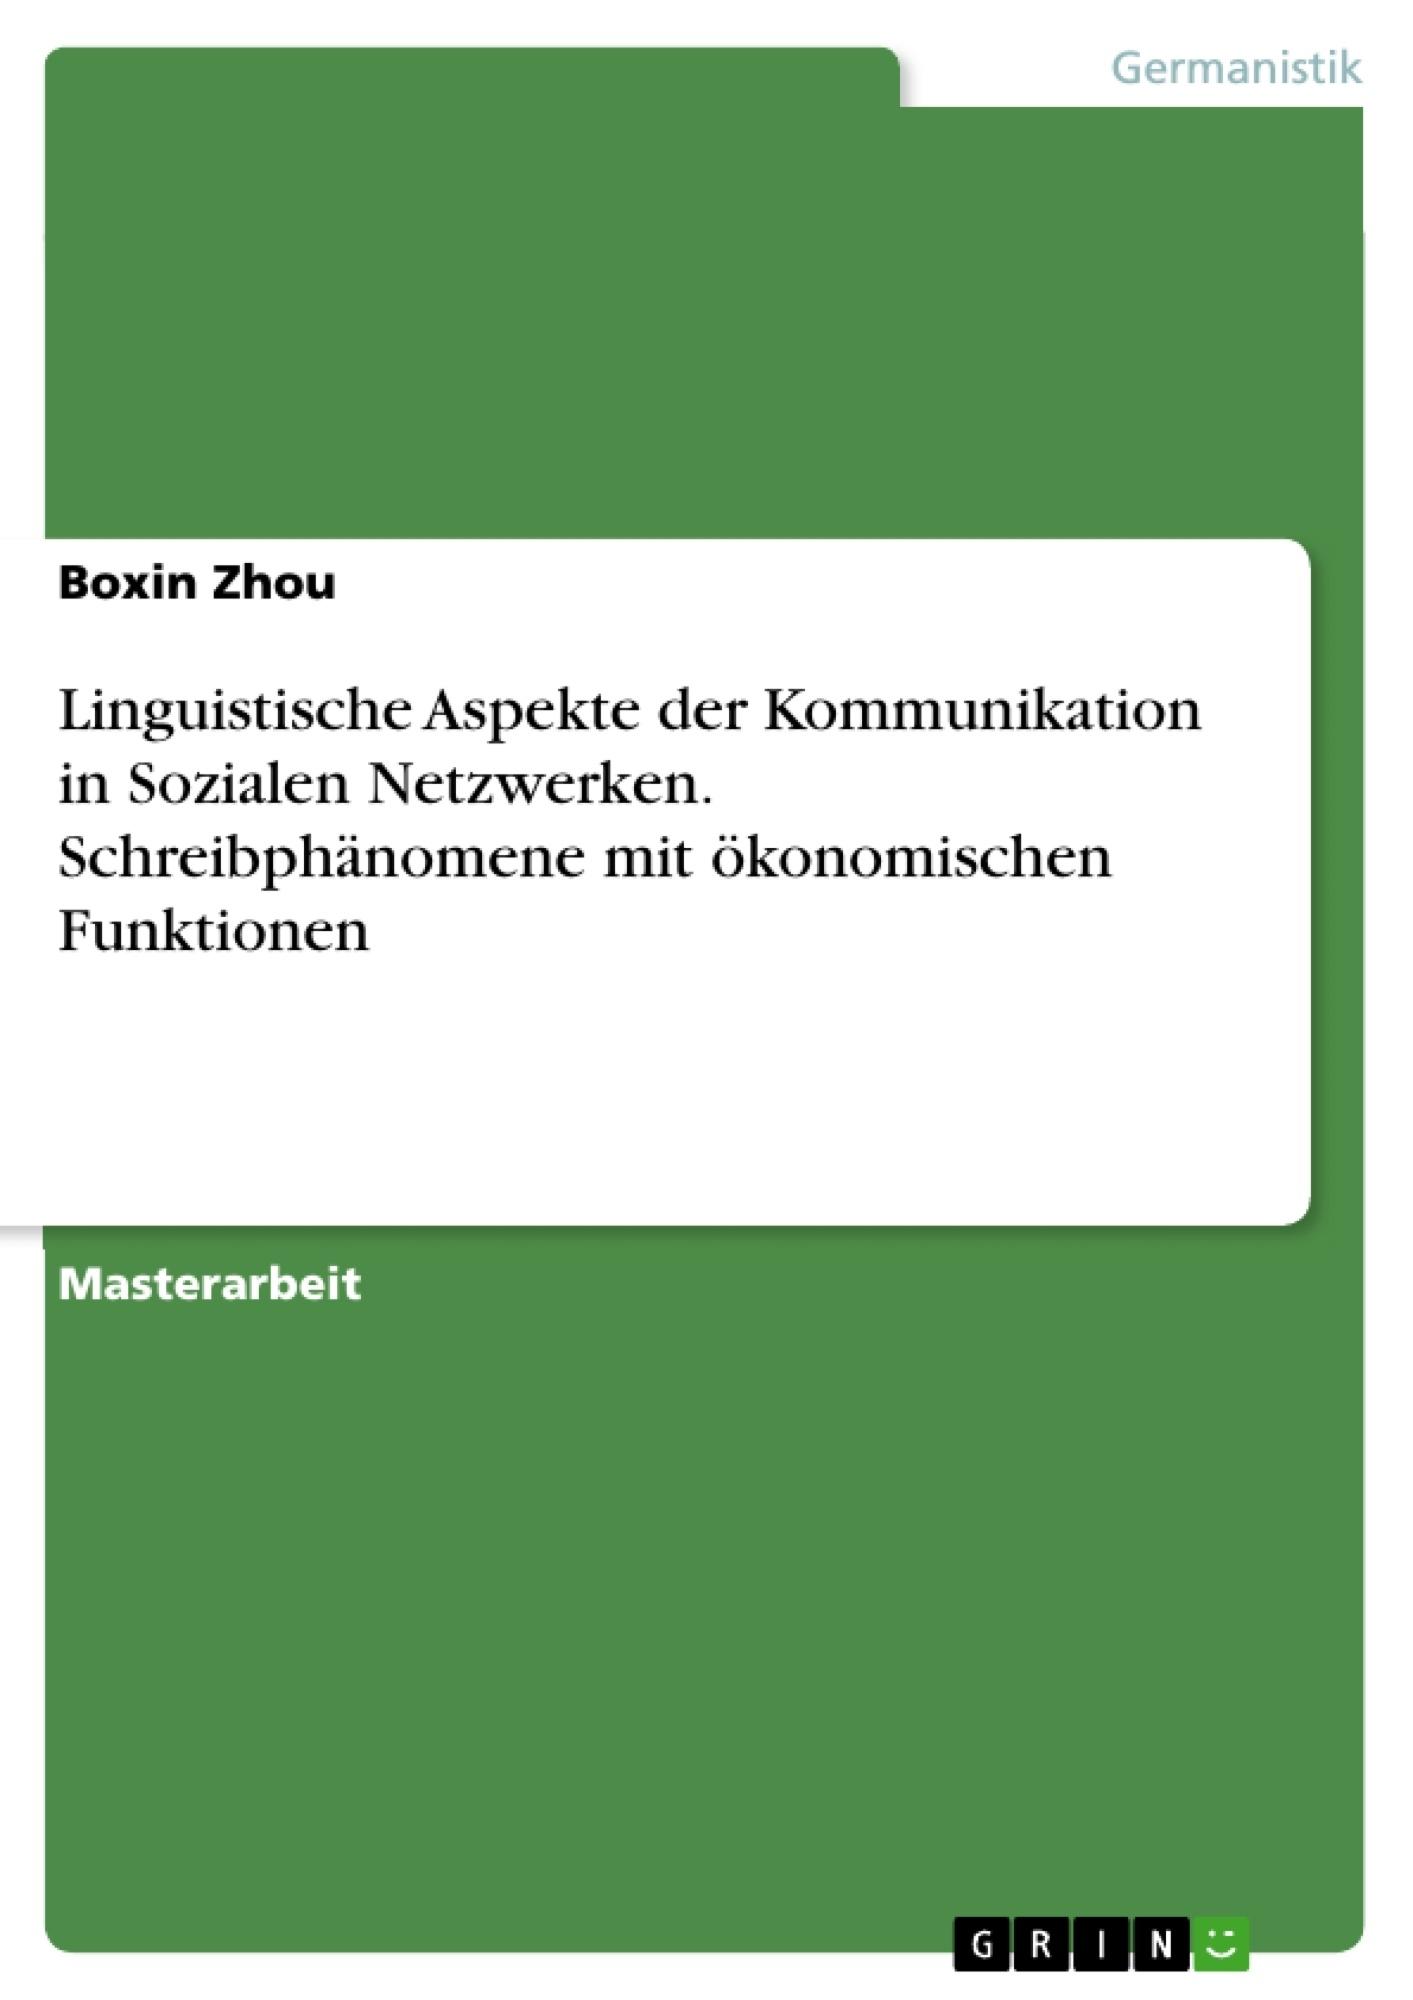 Titel: Linguistische Aspekte der Kommunikation in Sozialen Netzwerken. Schreibphänomene mit ökonomischen Funktionen